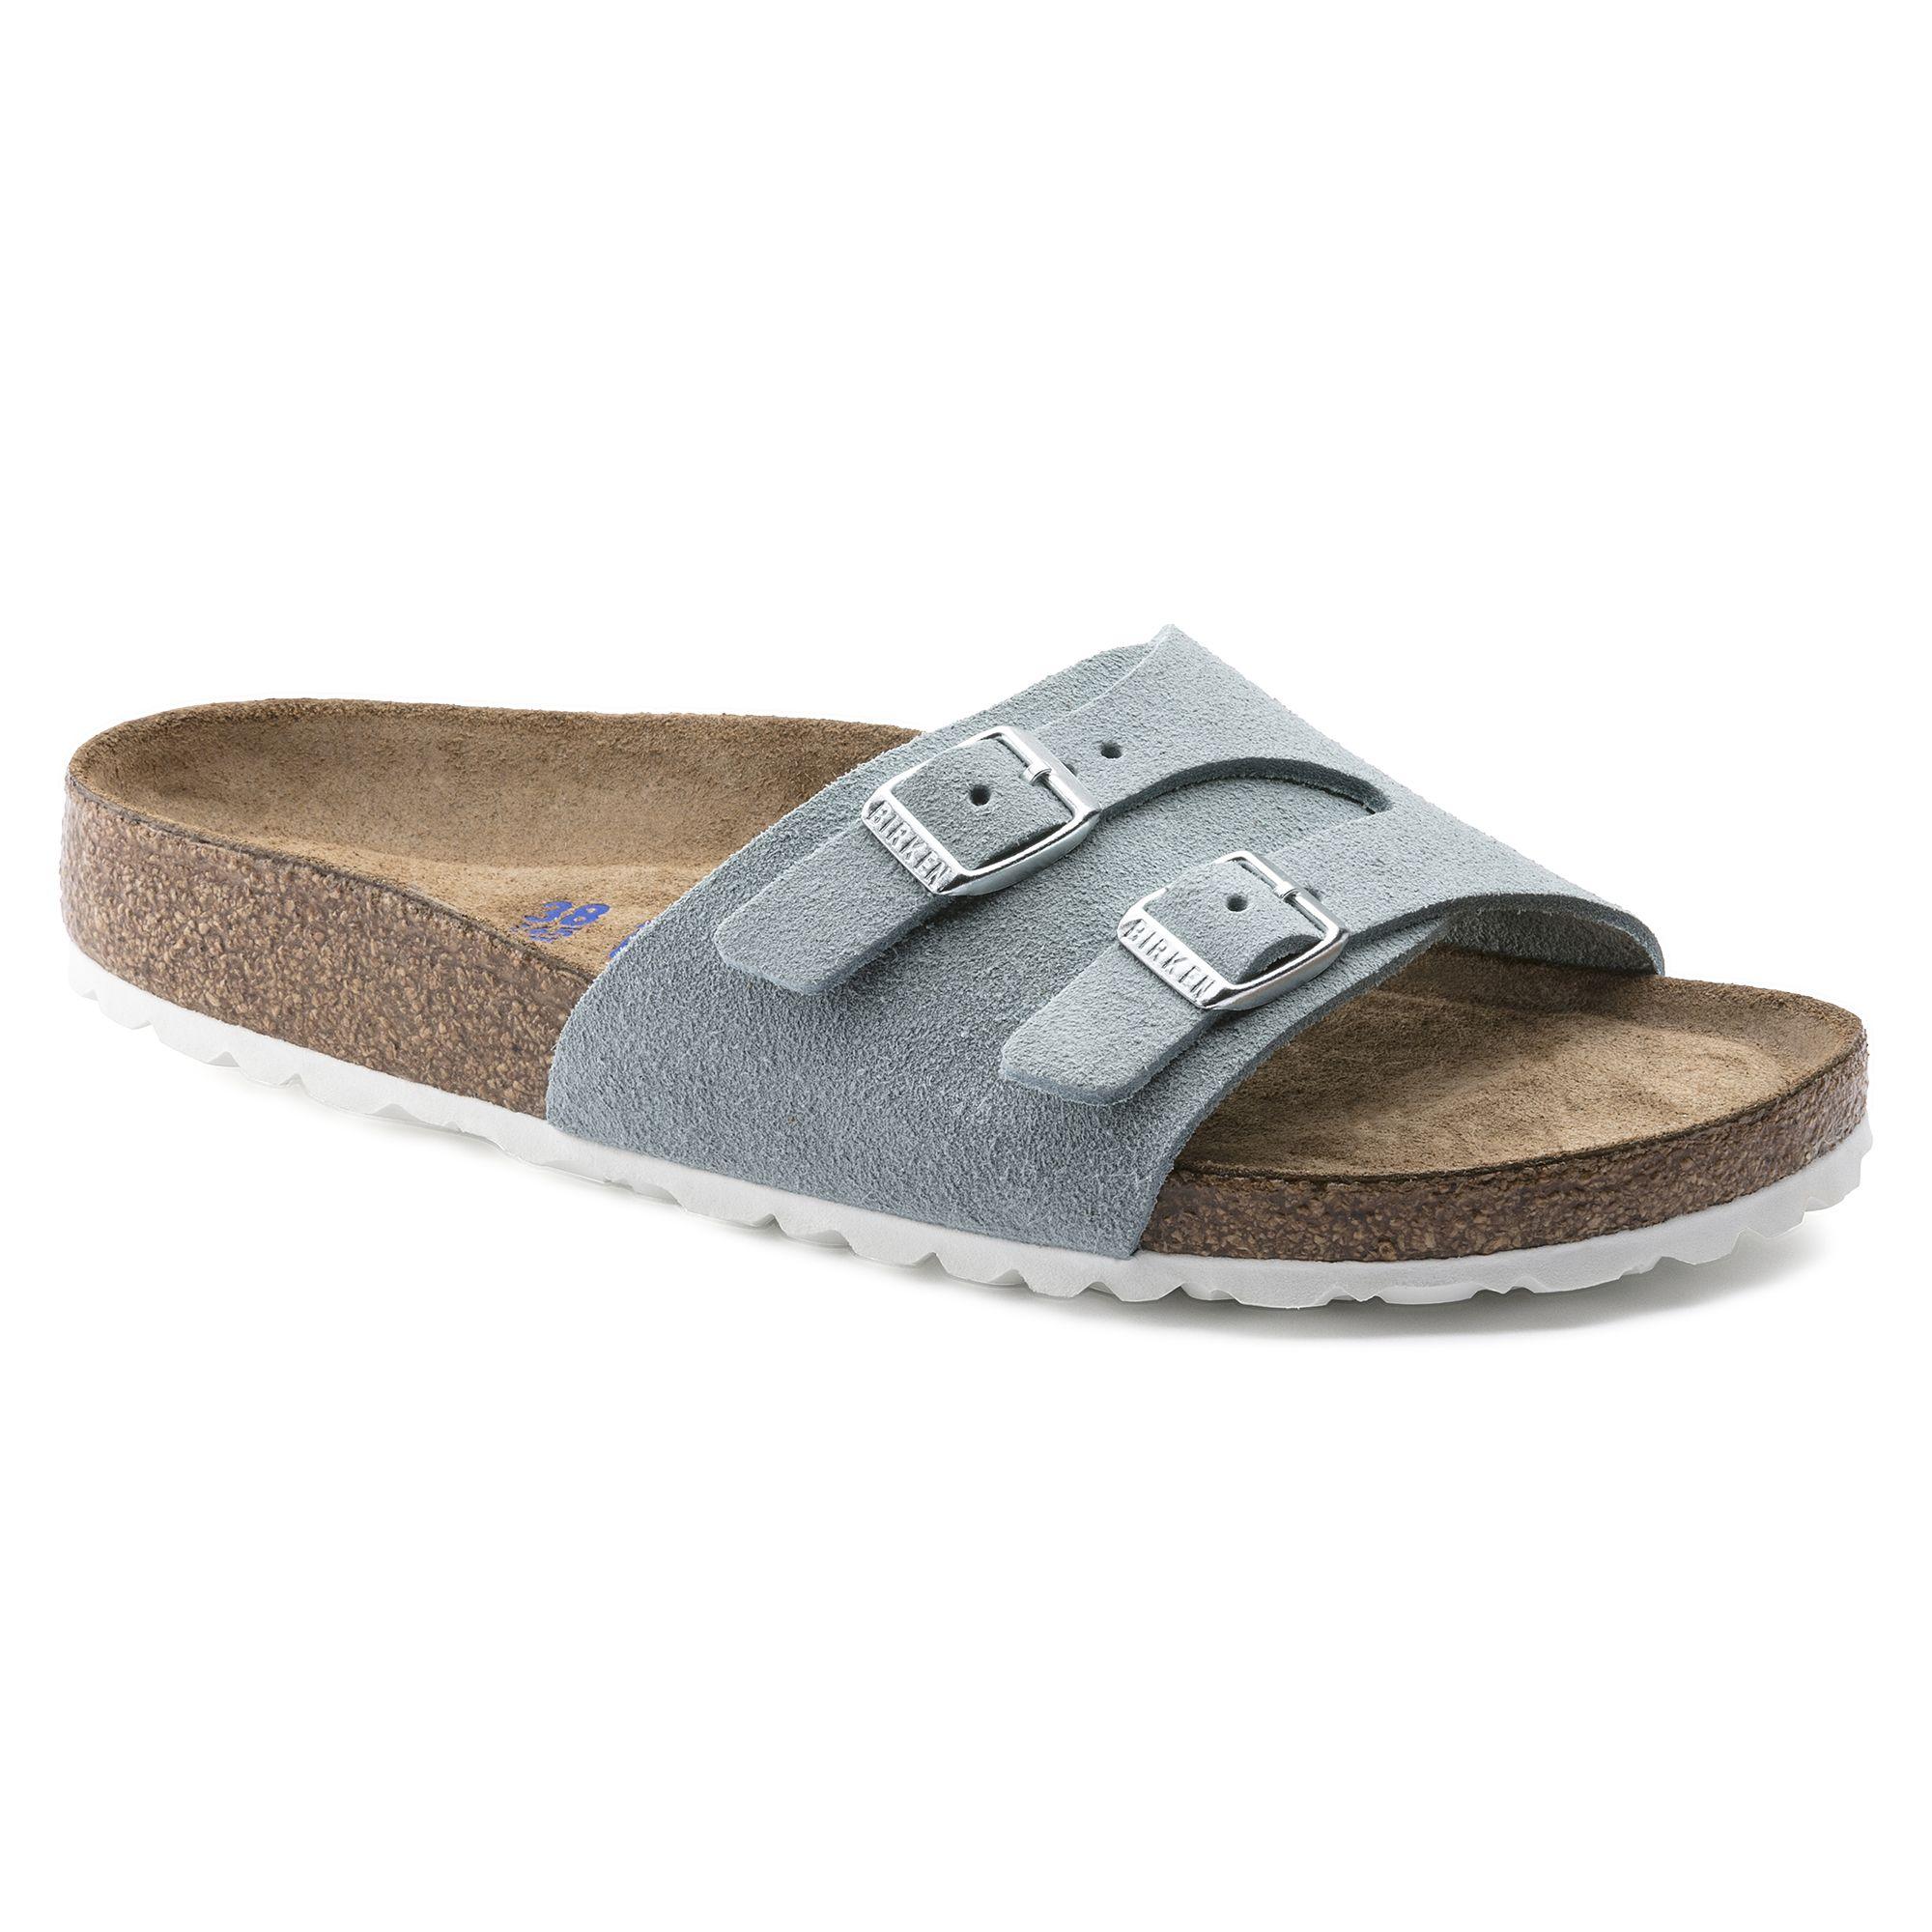 bcb35712d44 Vaduz Suede Soft Footbed Light Blue | Shoes shoes shoes | Soft suede ...